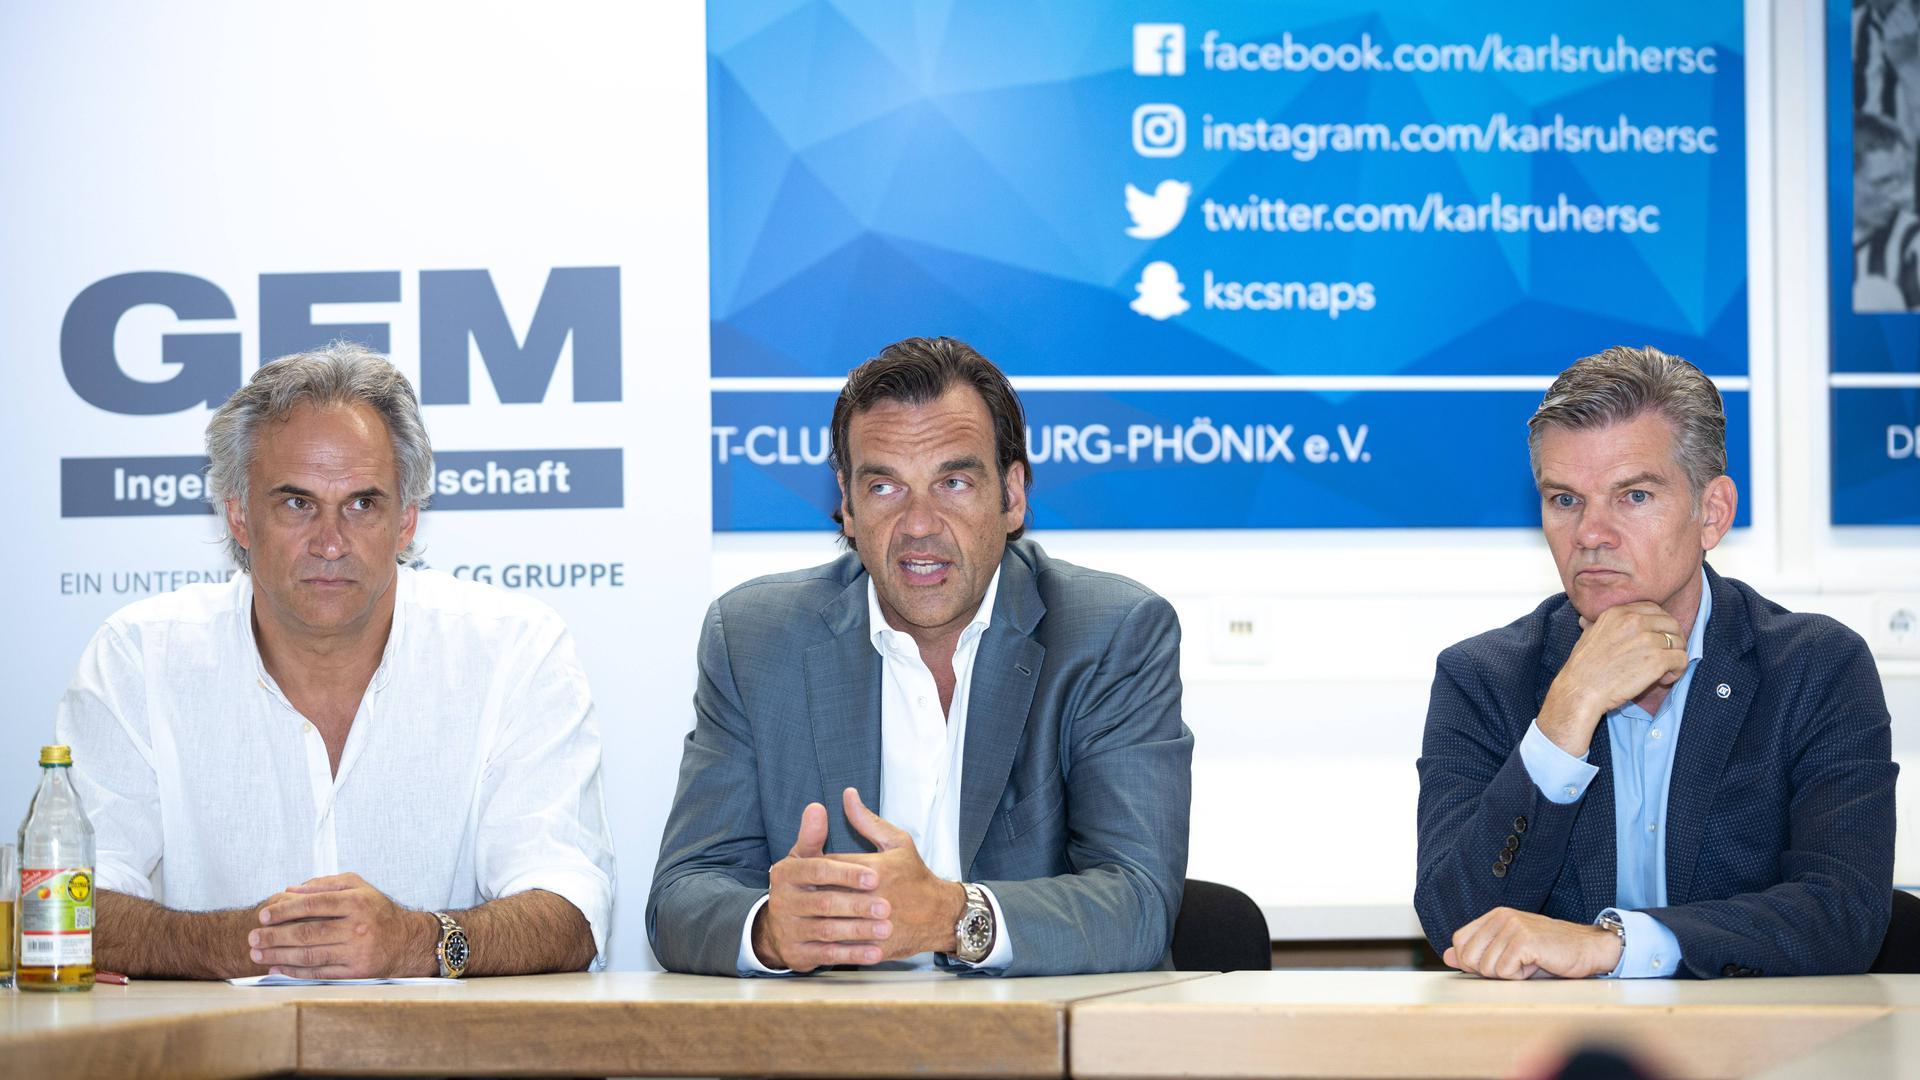 Martin Müller (links) und Ingo Wellenreuther (rechts) bei einer gemeinsamen Pressekonferenz im Juli.